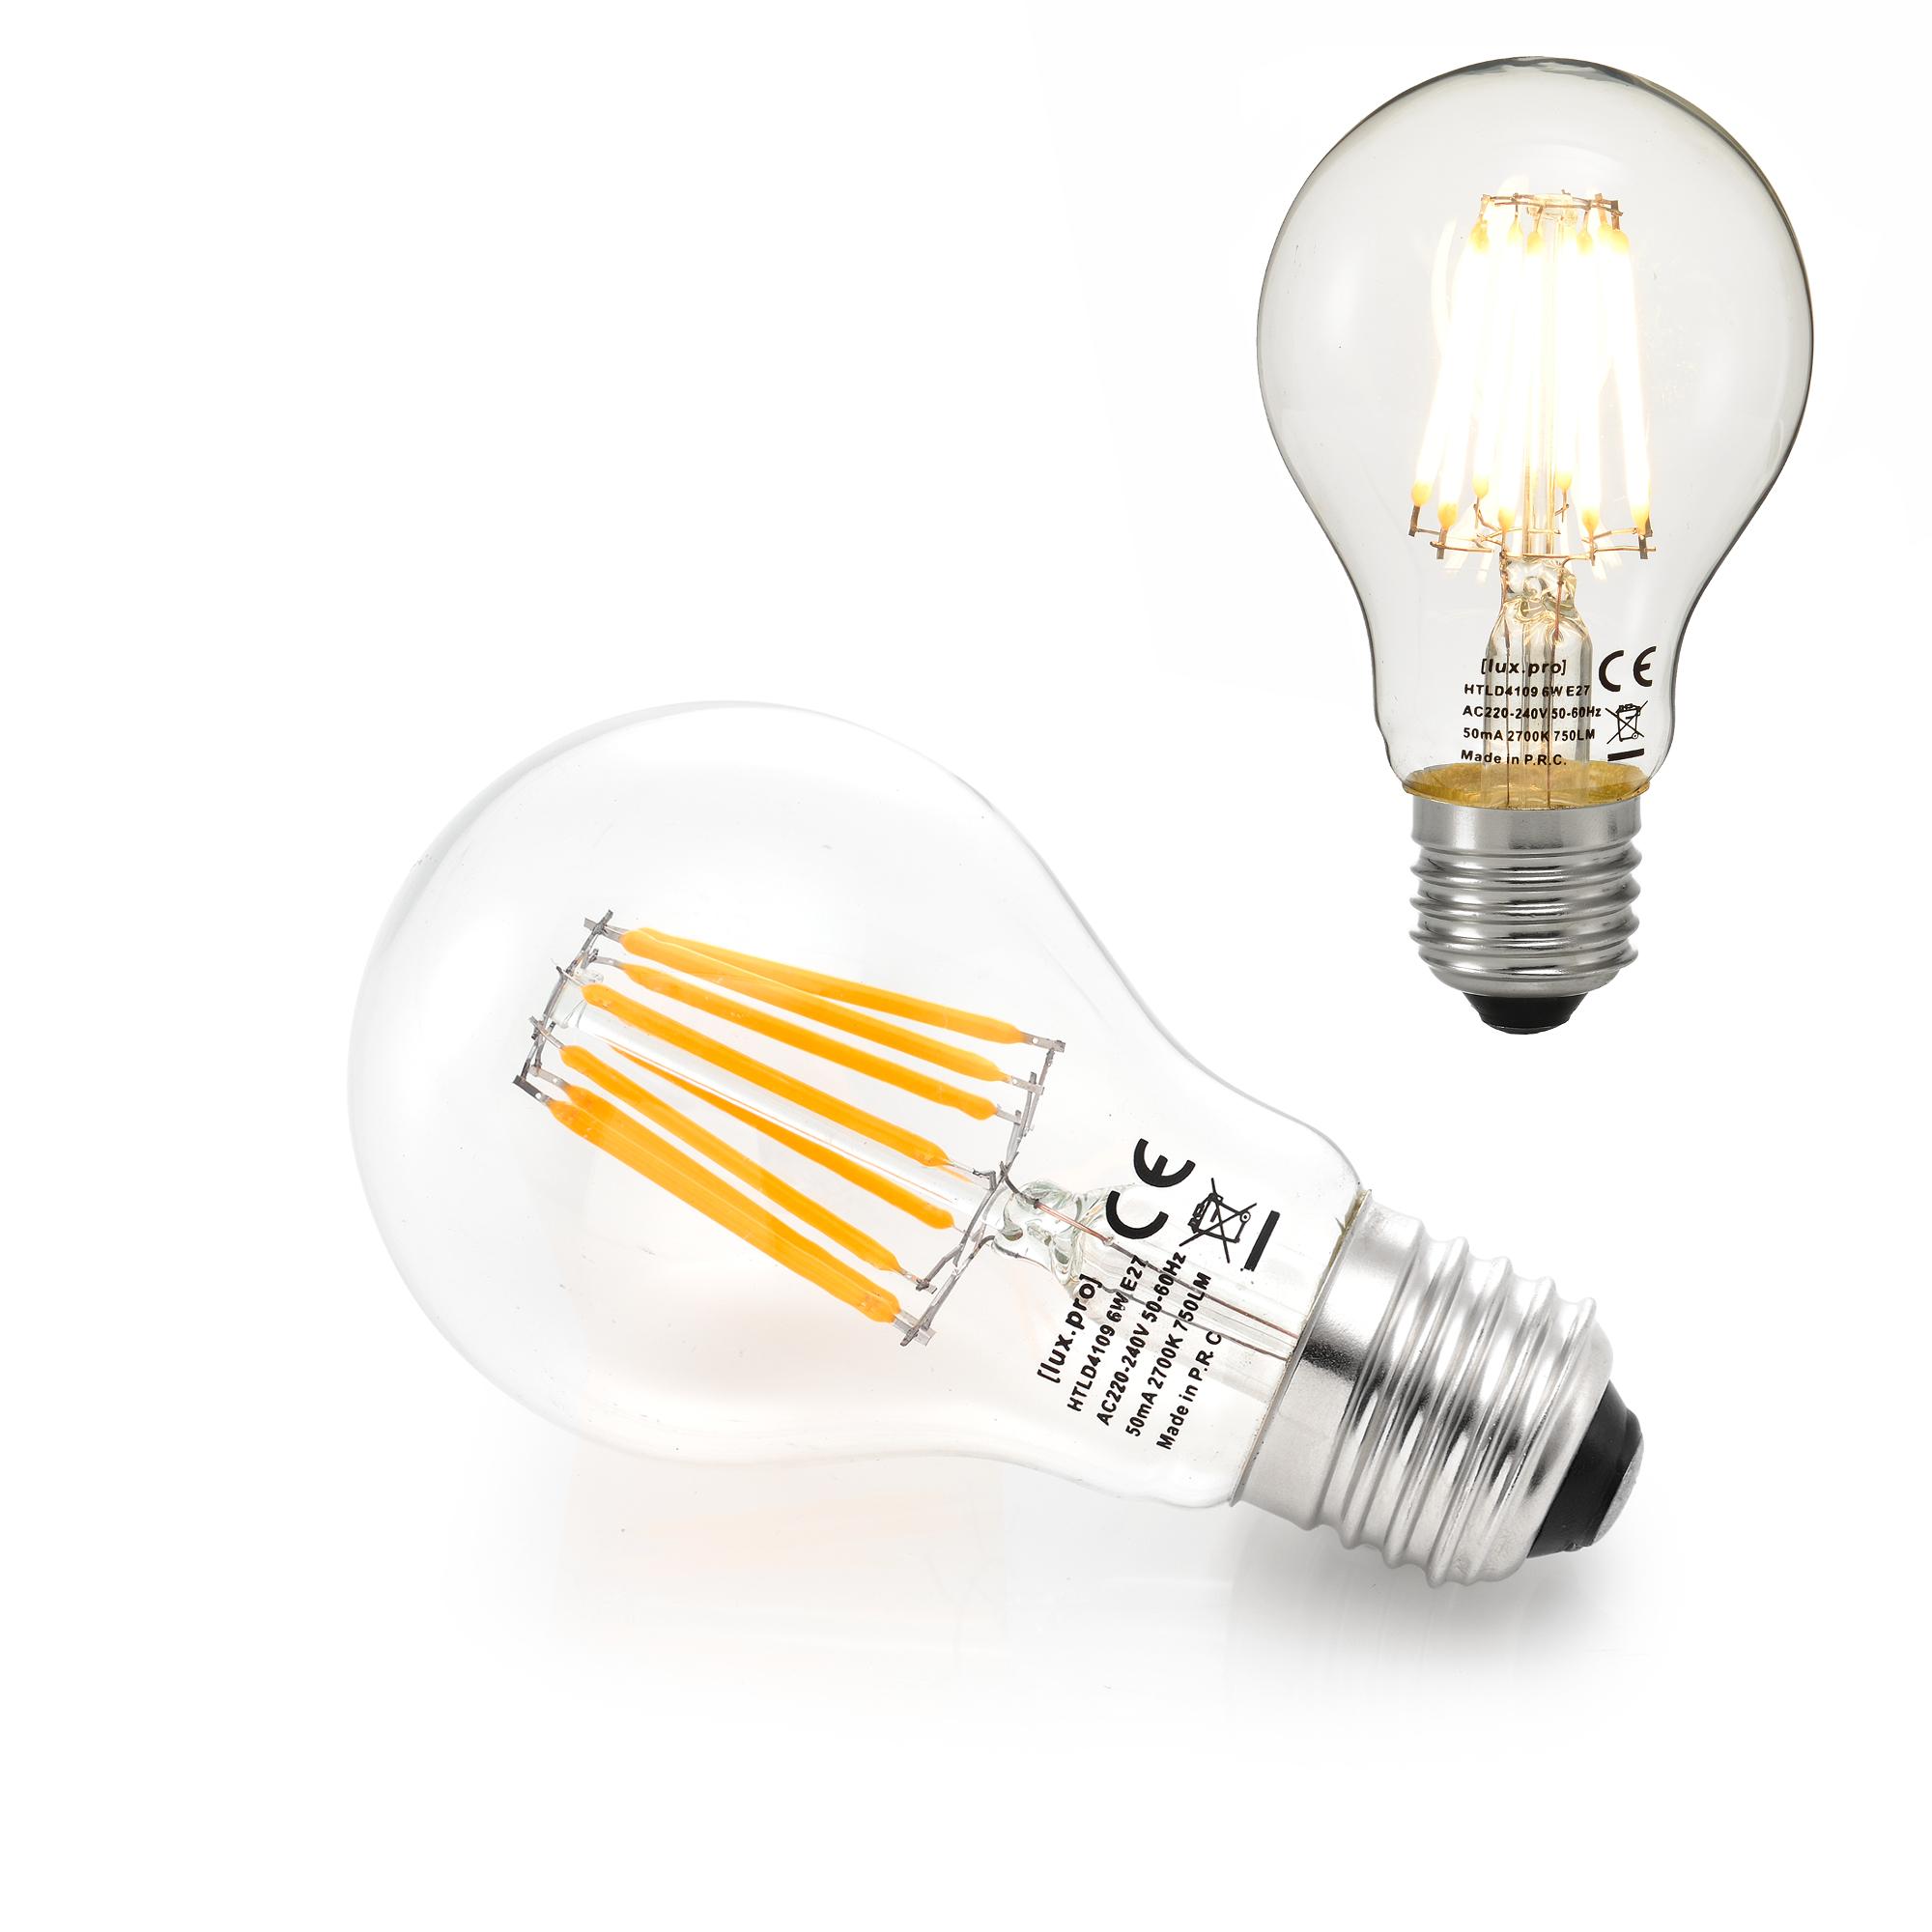 [lux.pro]® LED žárovka HTLD4109